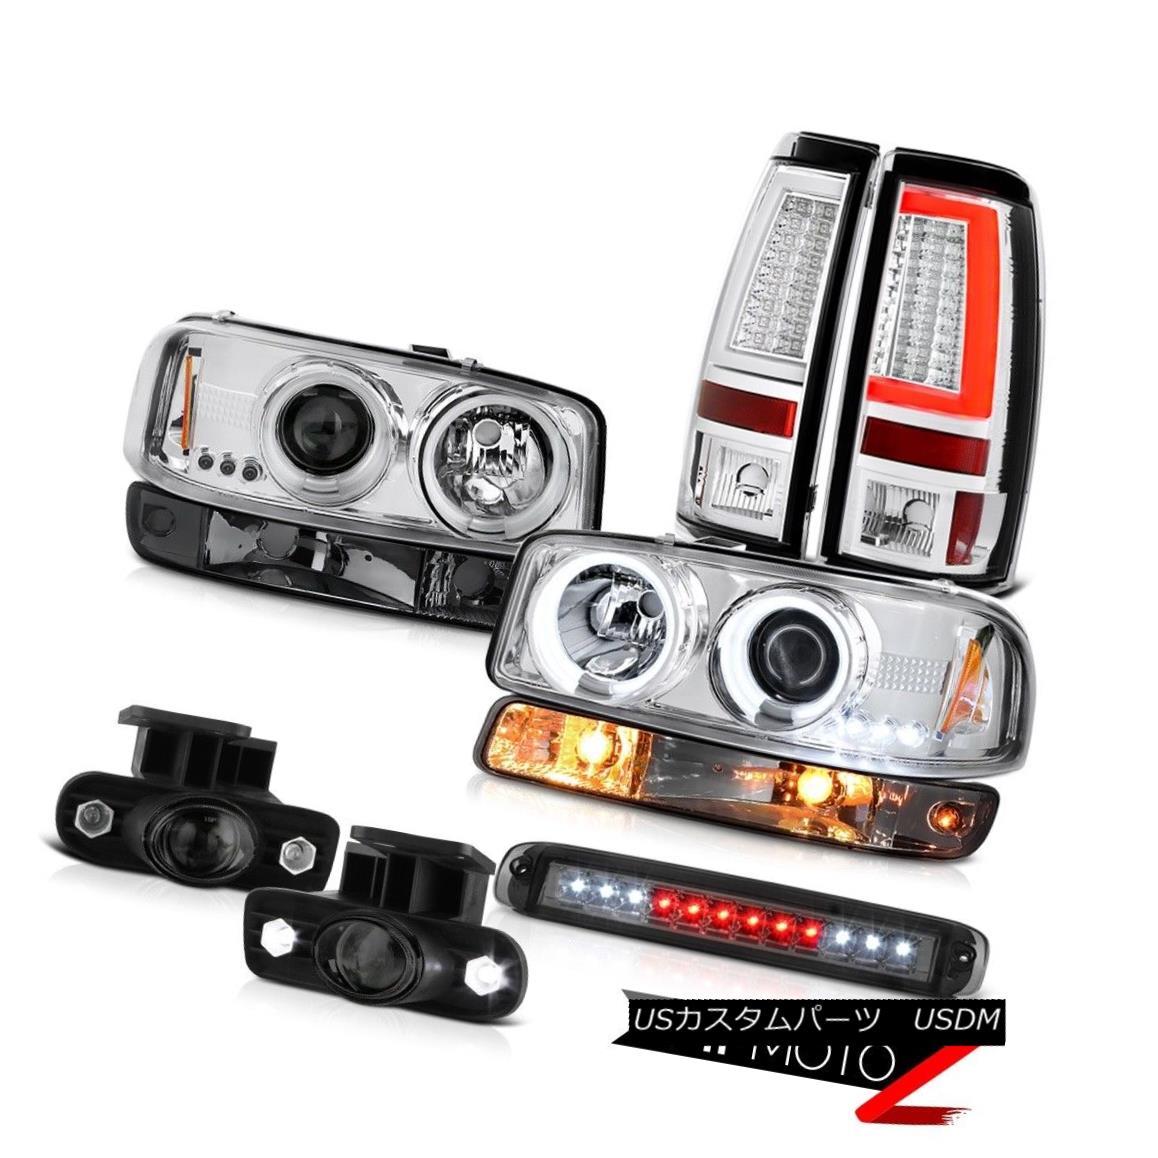 ヘッドライト 99-02 Sierra WT Tail Lamps Roof Cab Lamp Parking Fog CCFL Headlamps Tron STyle 99-02シエラWTテールランプルーフキャブランプパーキングフォグCCFLヘッドランプTron STyle